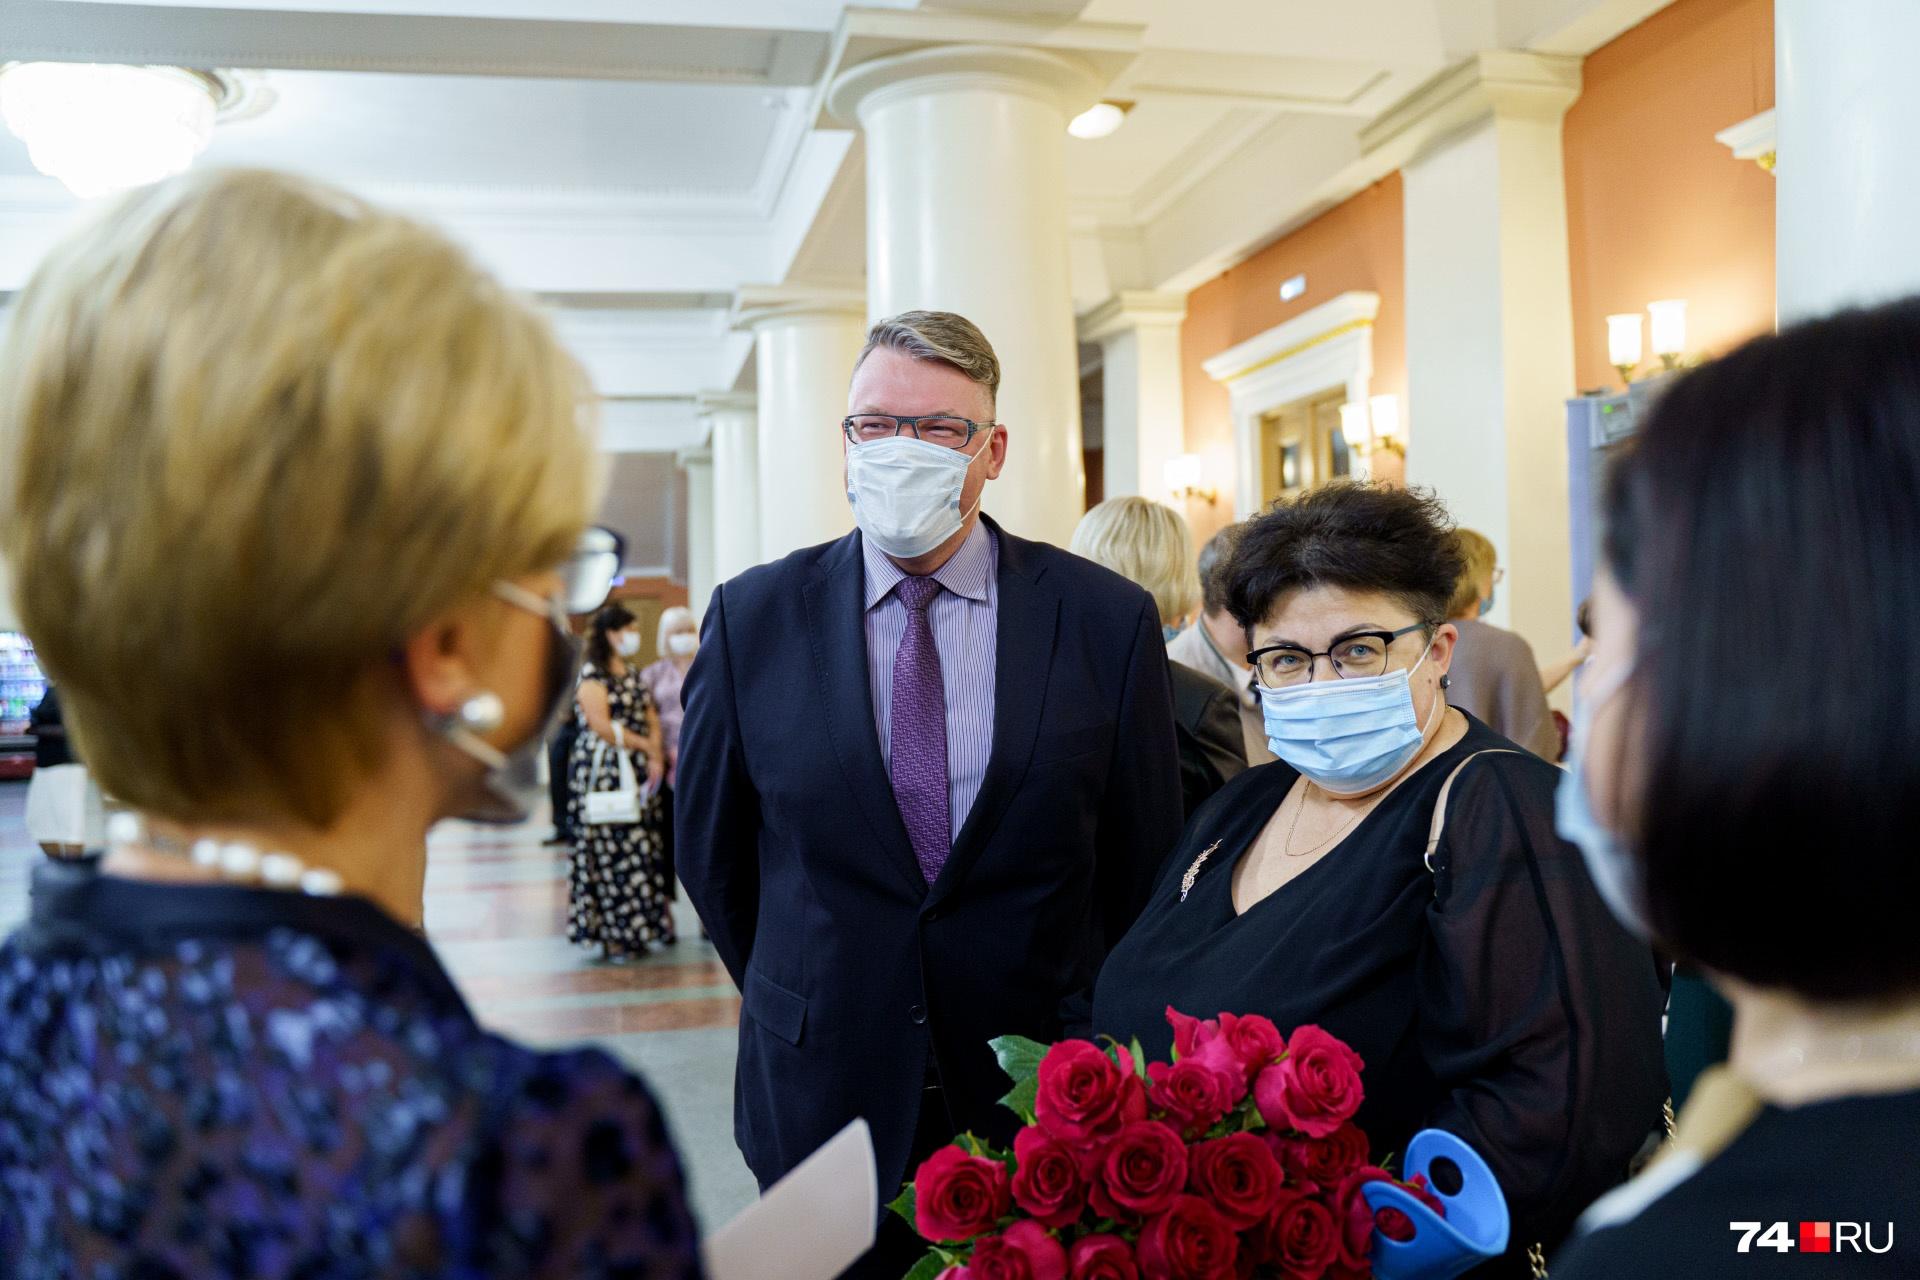 Первый заместитель министра здравоохранения Виктория Сахарова в театр пришла с шикарным букетом цветов. Коллега Евгений Ванин держался рядом